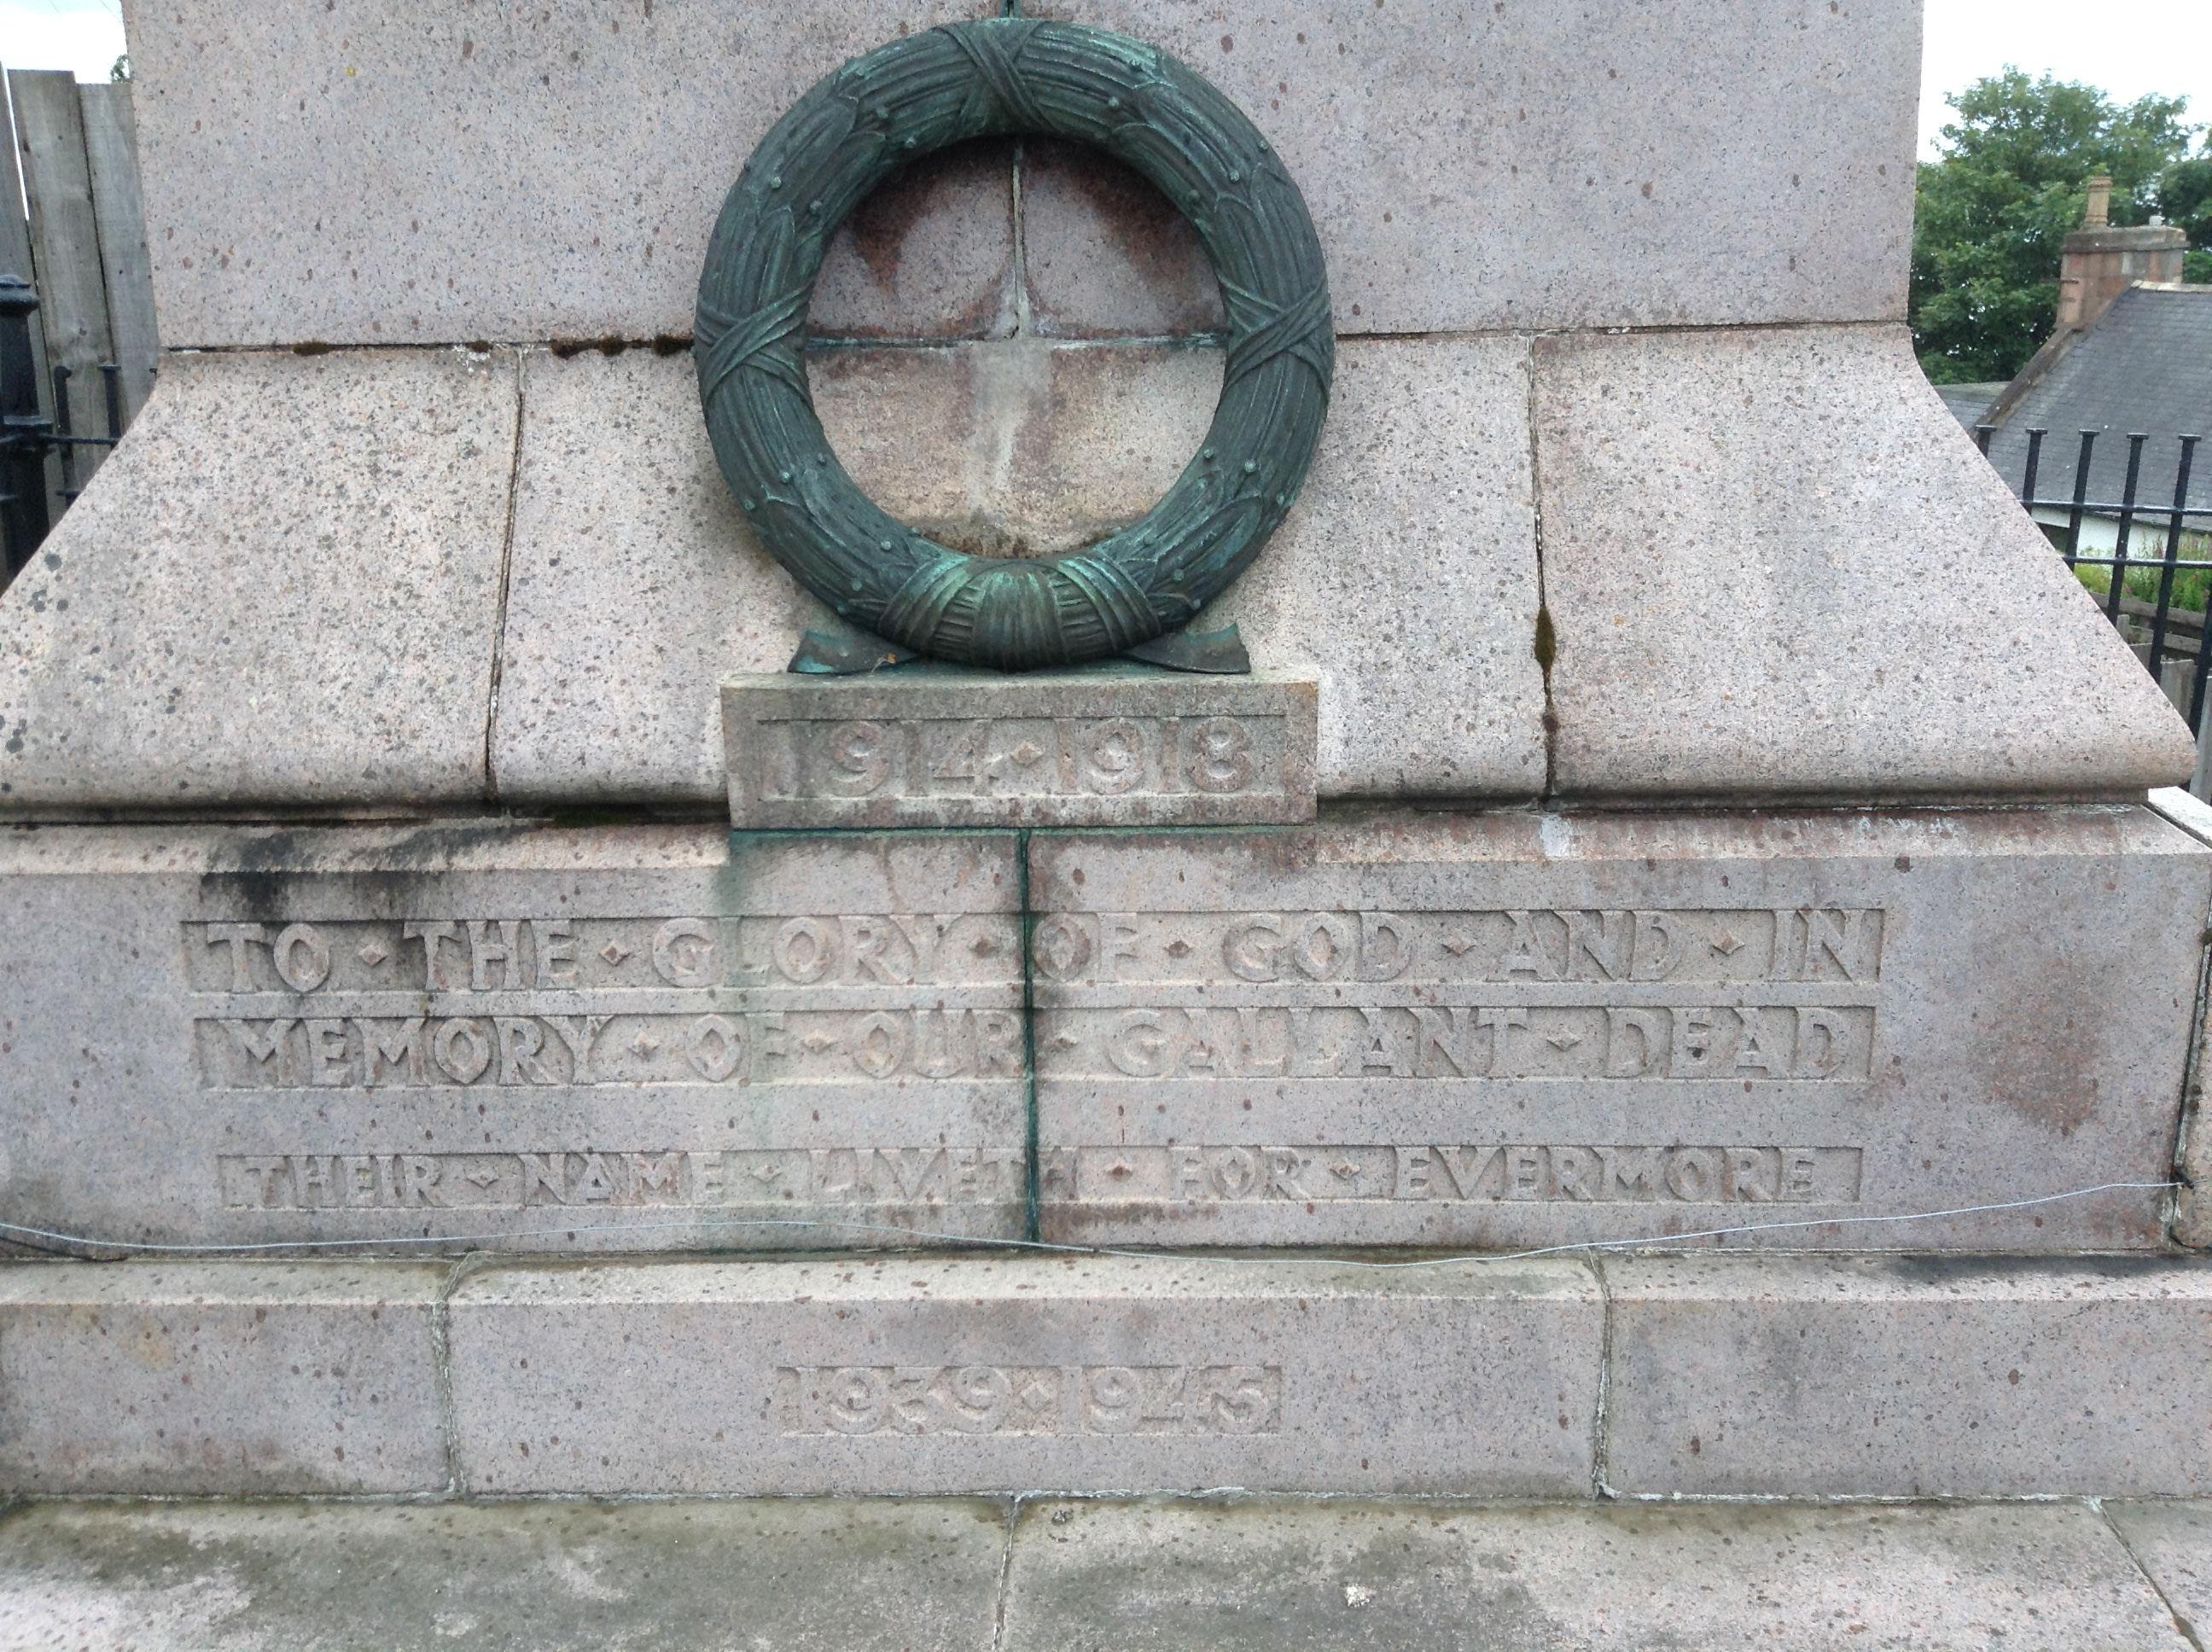 War Memorial– Inscription on War Memorial at Invergordon, Scotland. Image taken 6 July 2017 by Tom Tulloch.